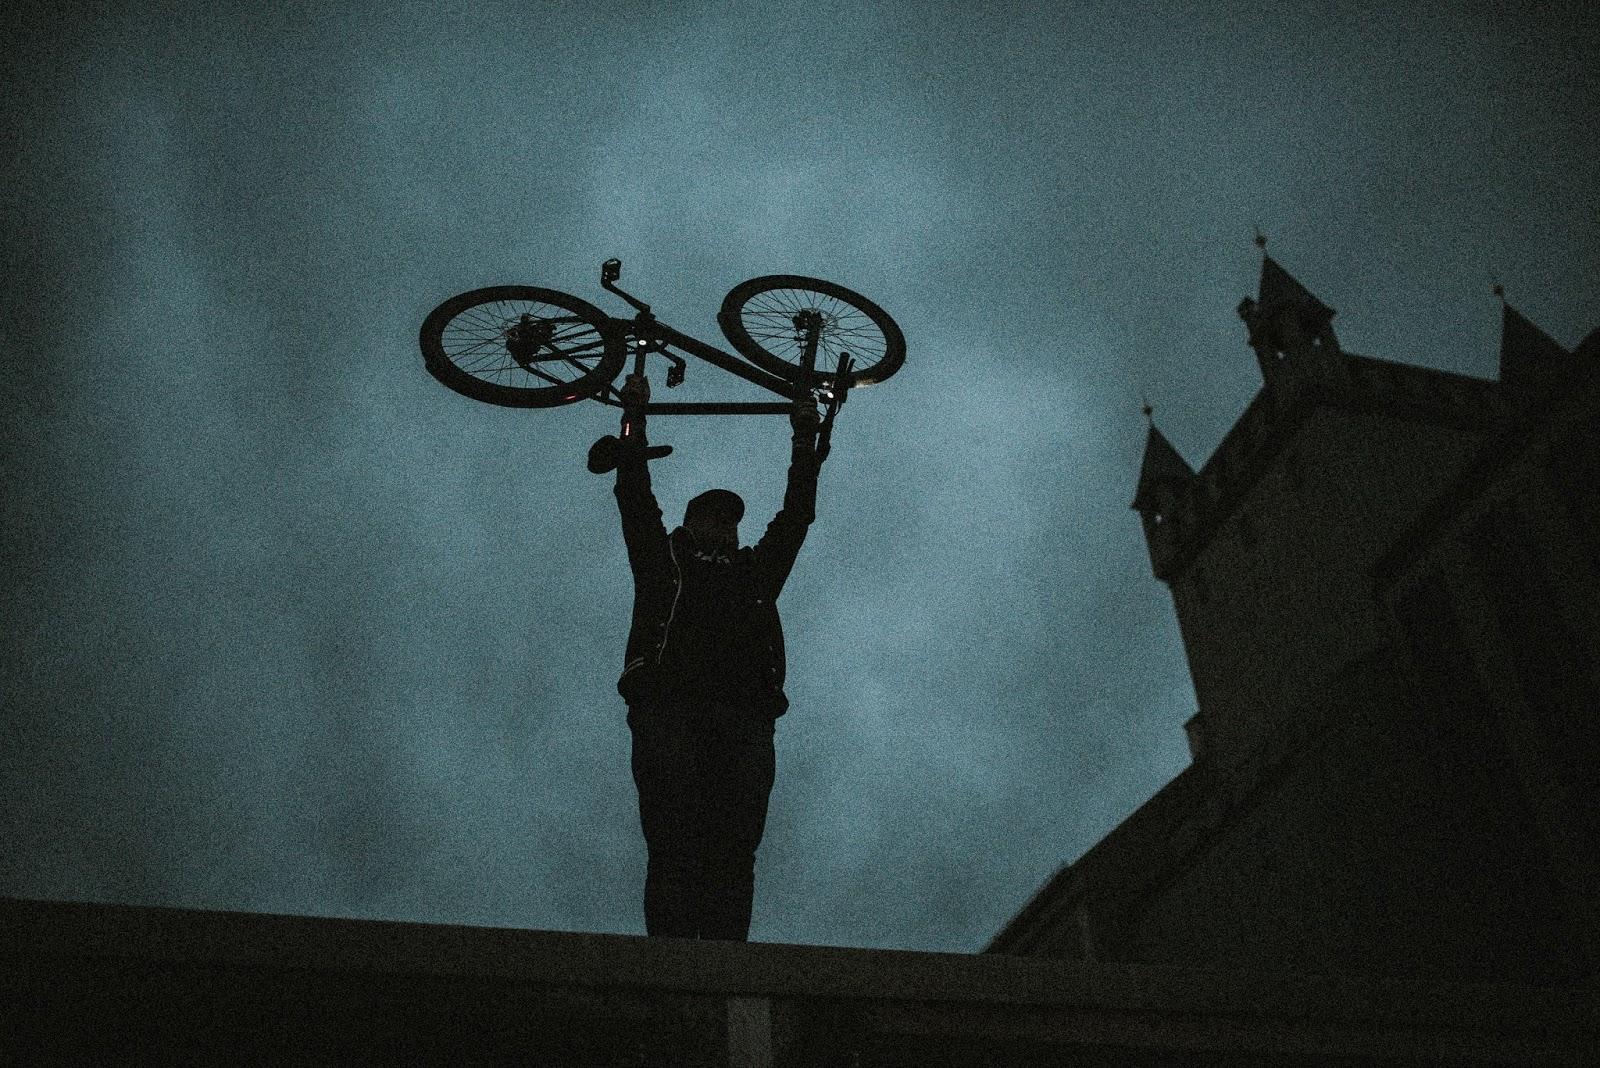 Wie viele Kilometer mit dem Fahrrad abzunehmen